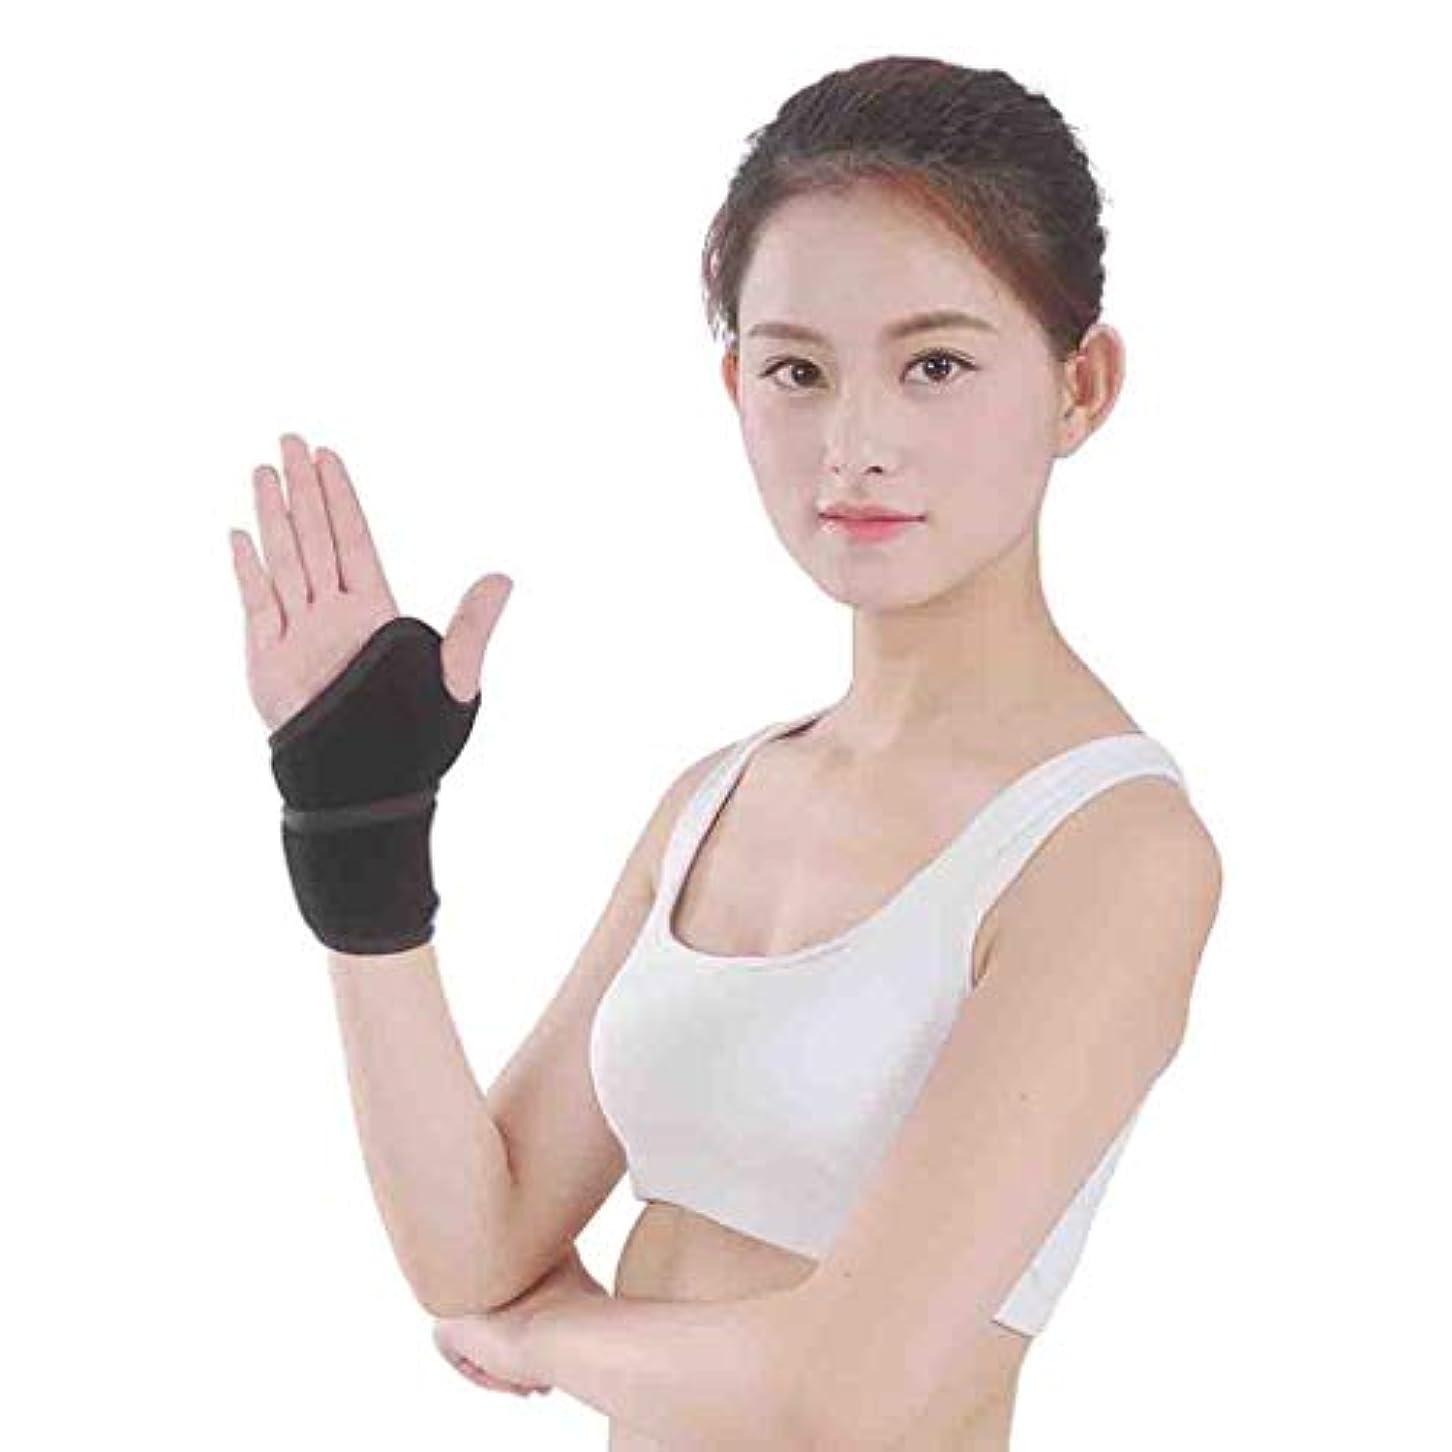 桁アテンダント聴覚関節炎のための親指のスプリントベージュの親指のブレース関節炎や軟組織の傷害、軽量と通気性のための腱膜炎のリストバンド Roscloud@